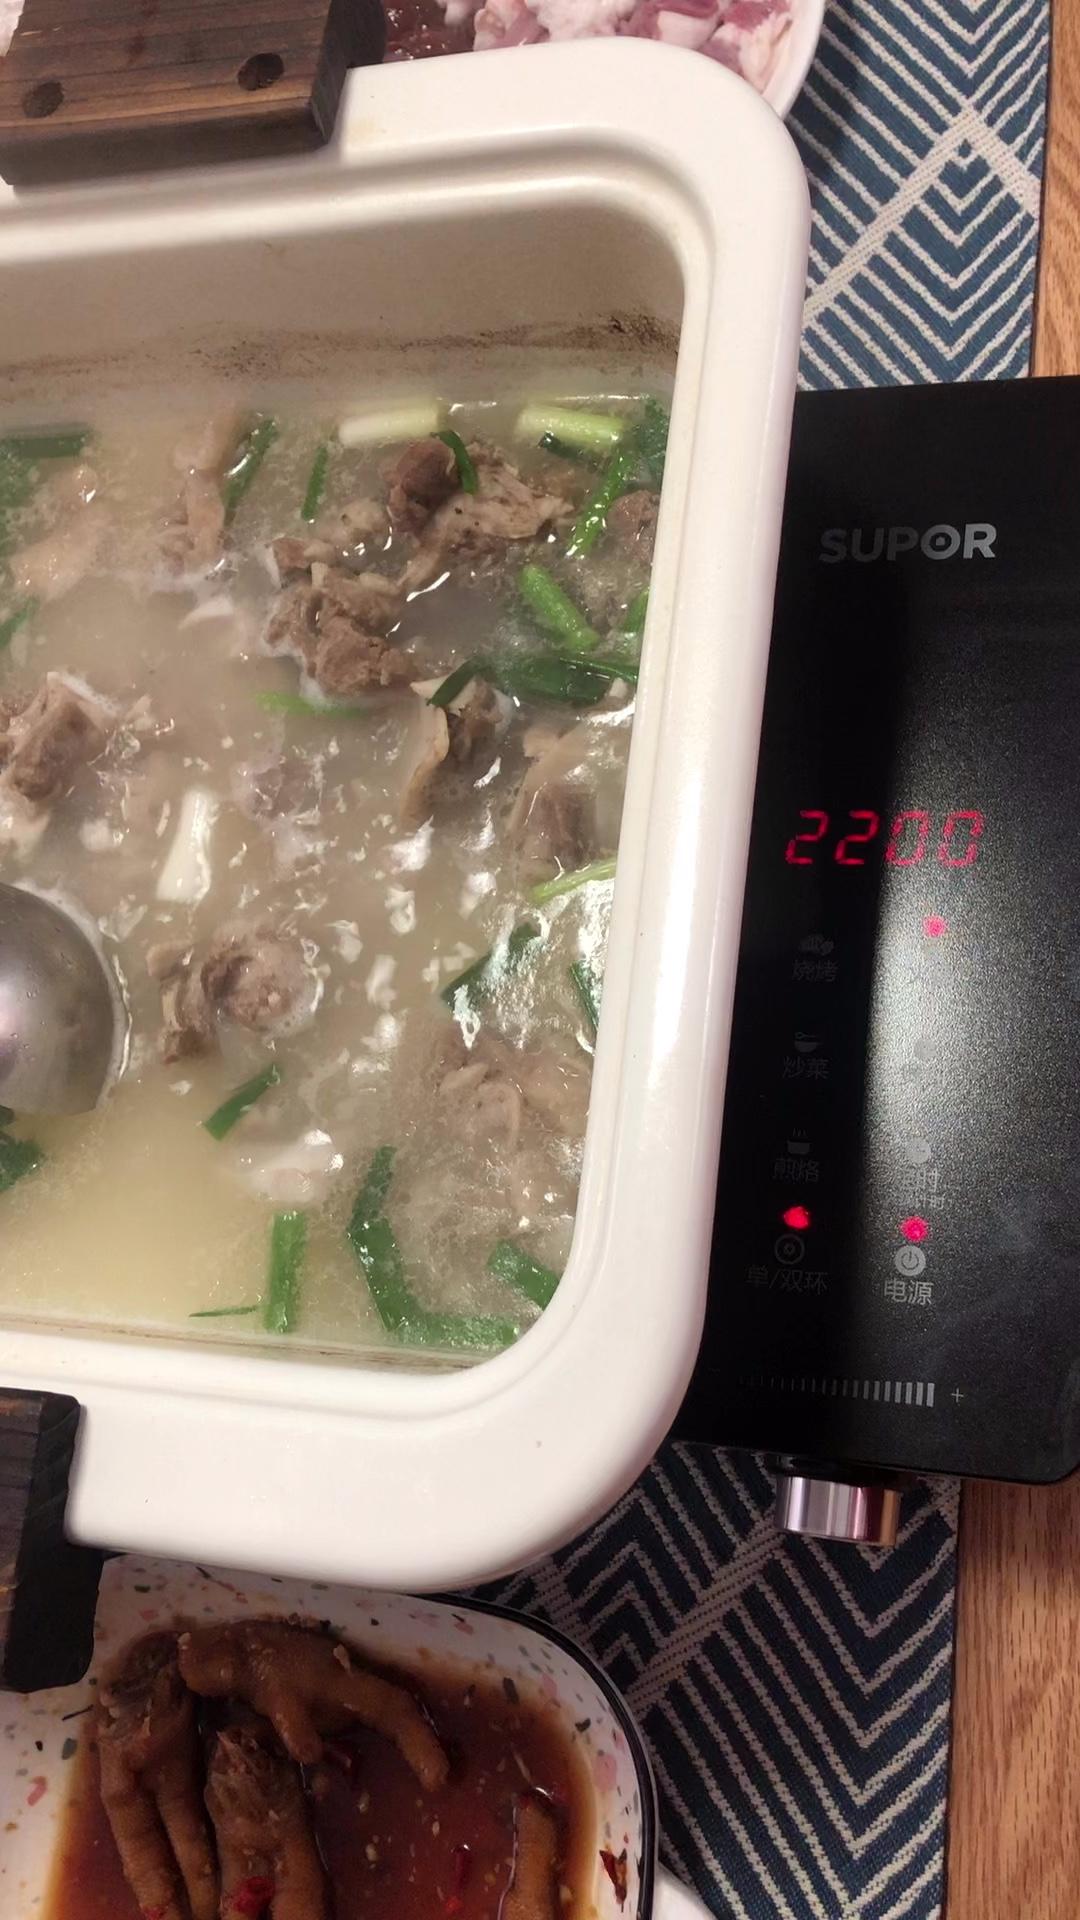 苏泊尔家用爆炒菜多功能一体电陶炉评测